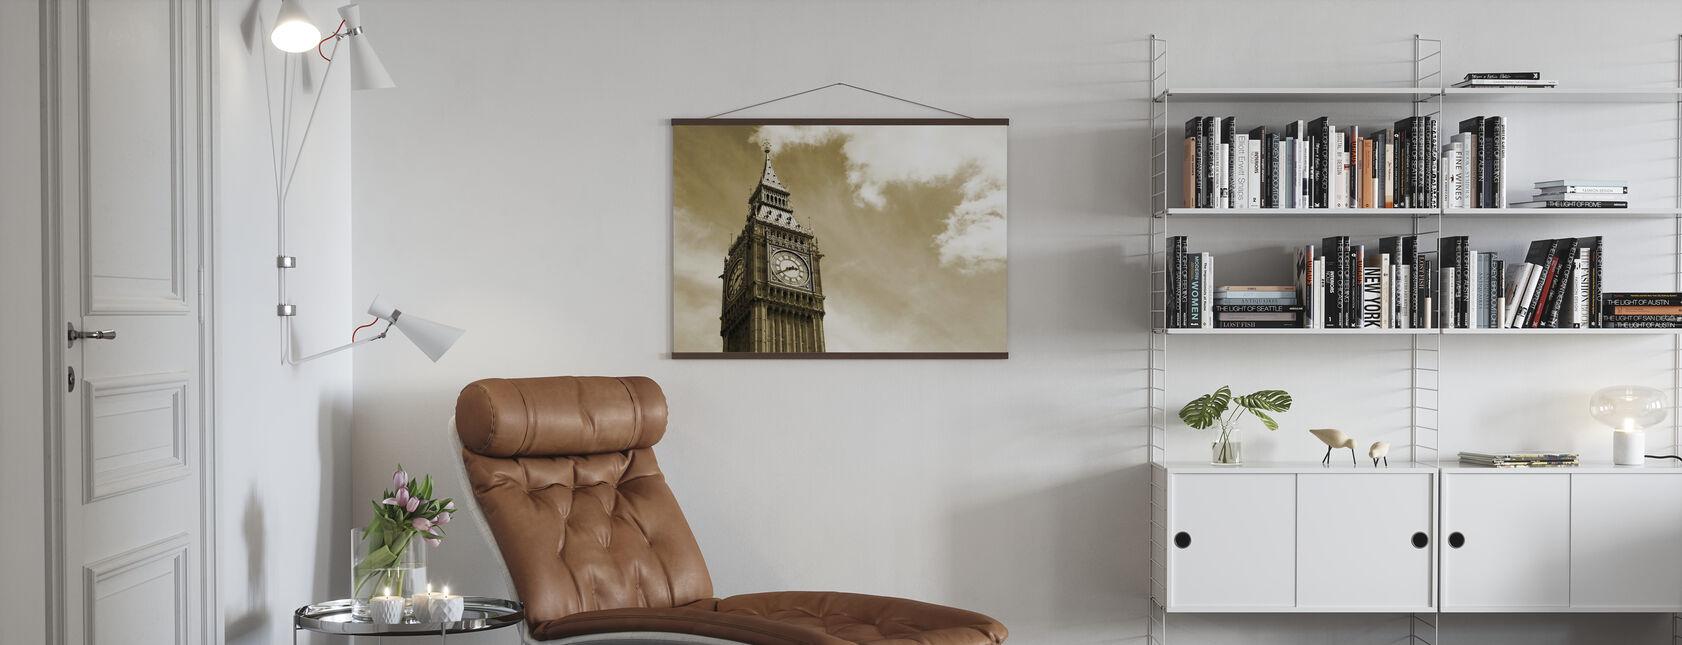 Big Ben, Londen, Verenigd Koninkrijk - Poster - Woonkamer